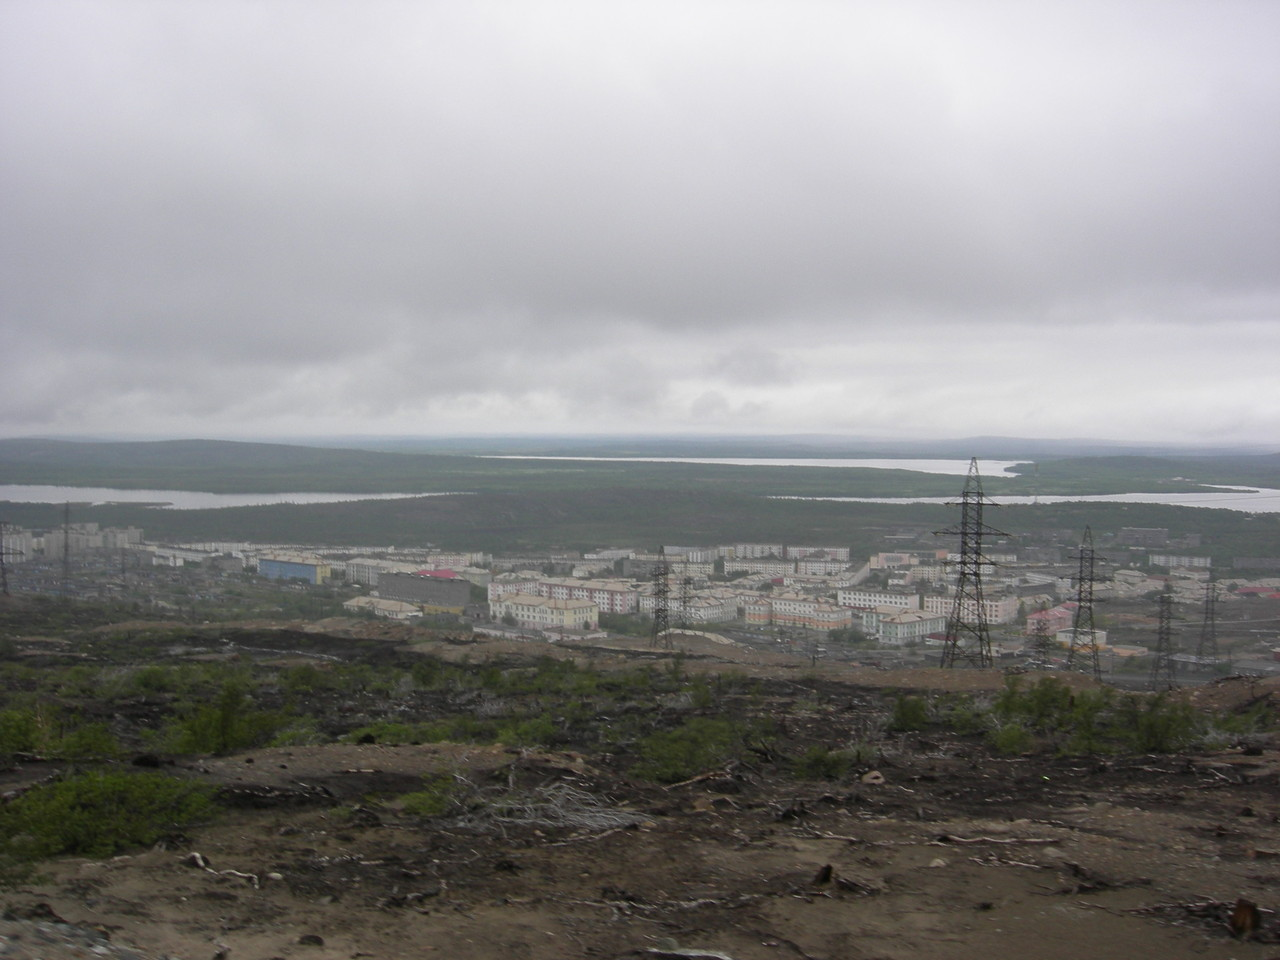 Nikel, kurz vor der norwegischen Grenze